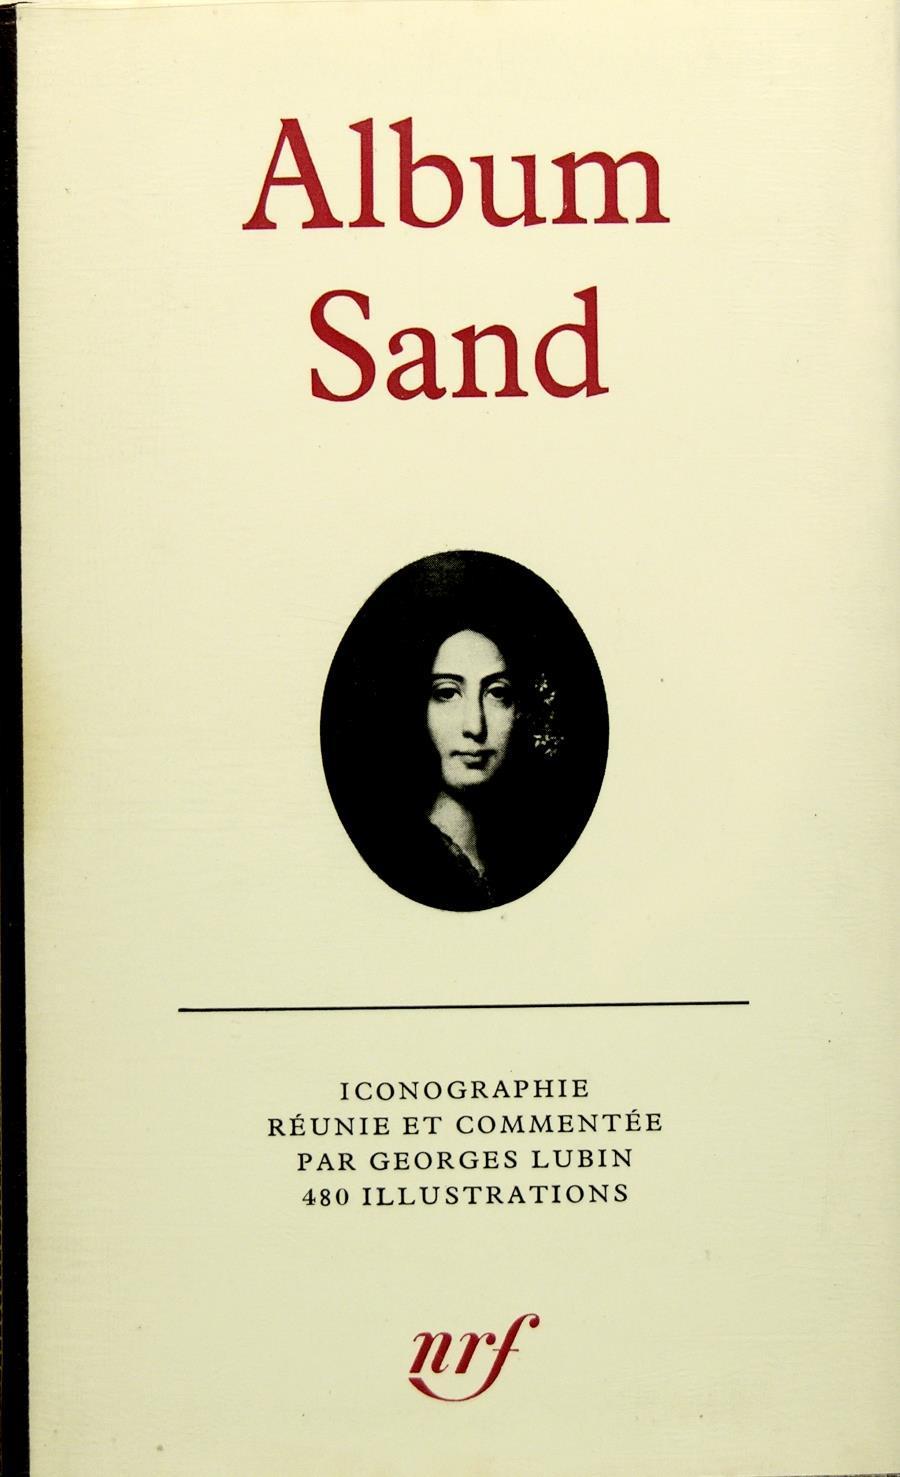 album sand by album de la pl iade lubin georges reli philippe lucas livres anciens